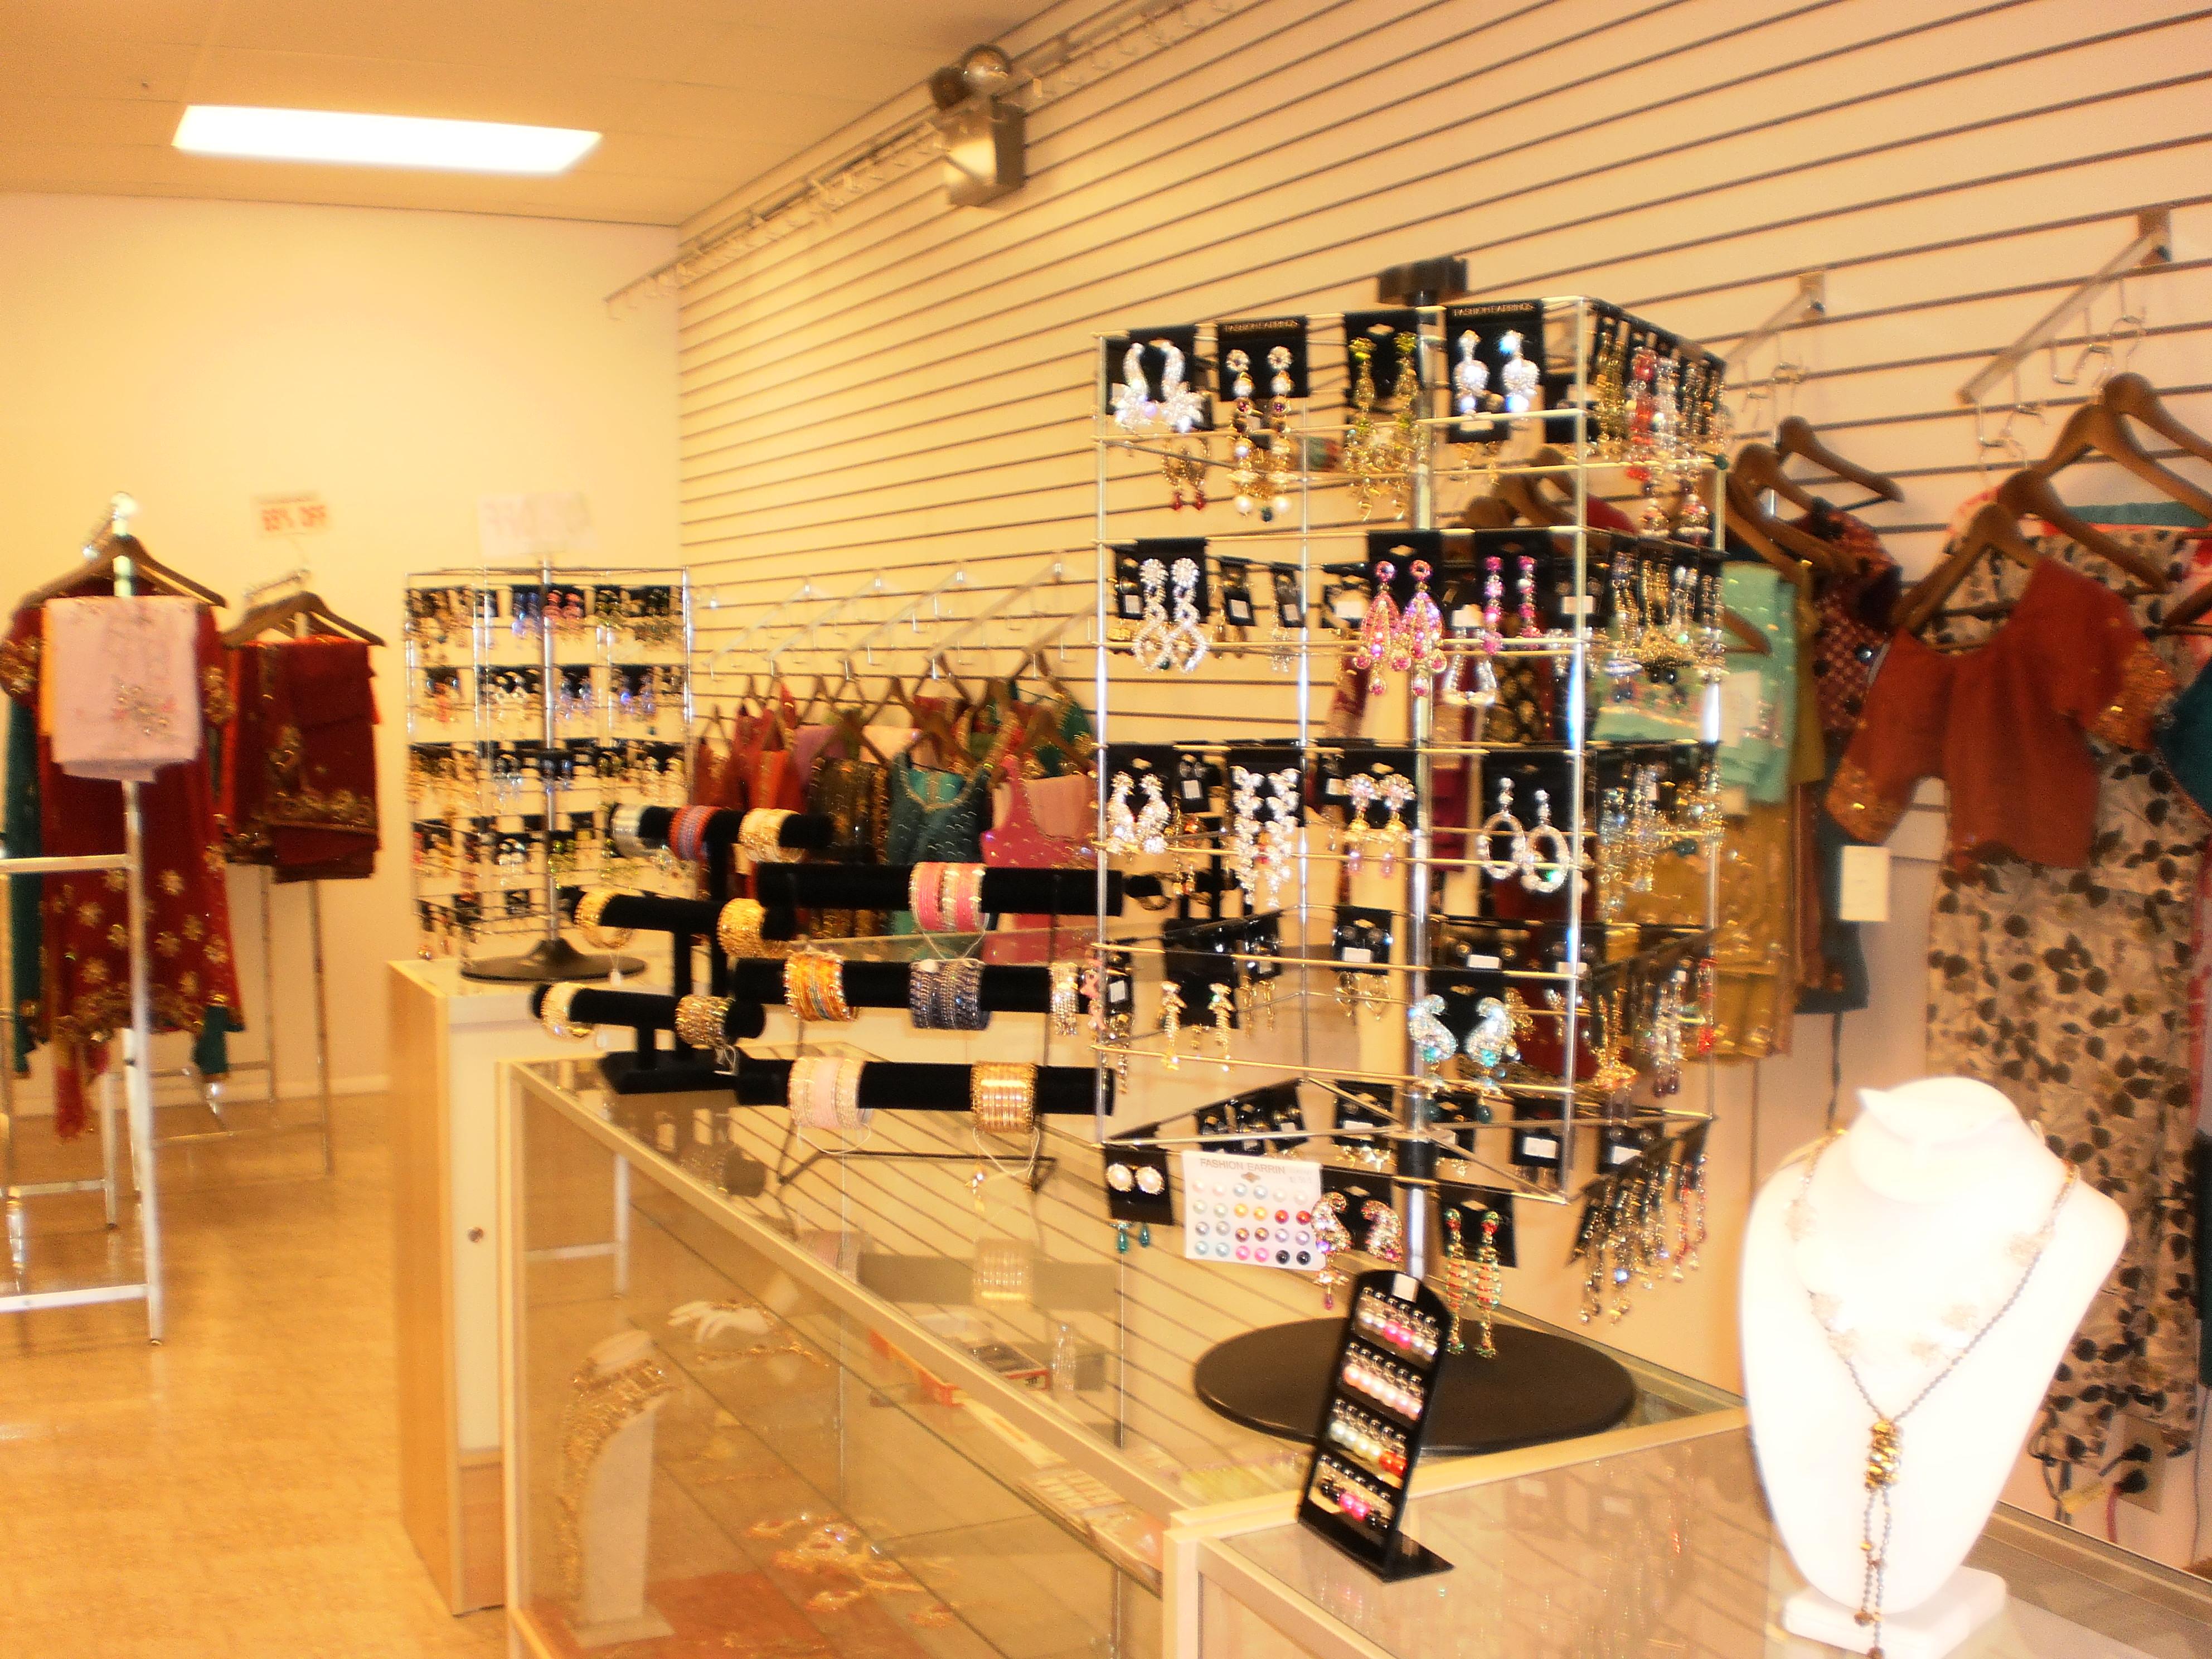 Indian Fashion Boutique June 9, 2012